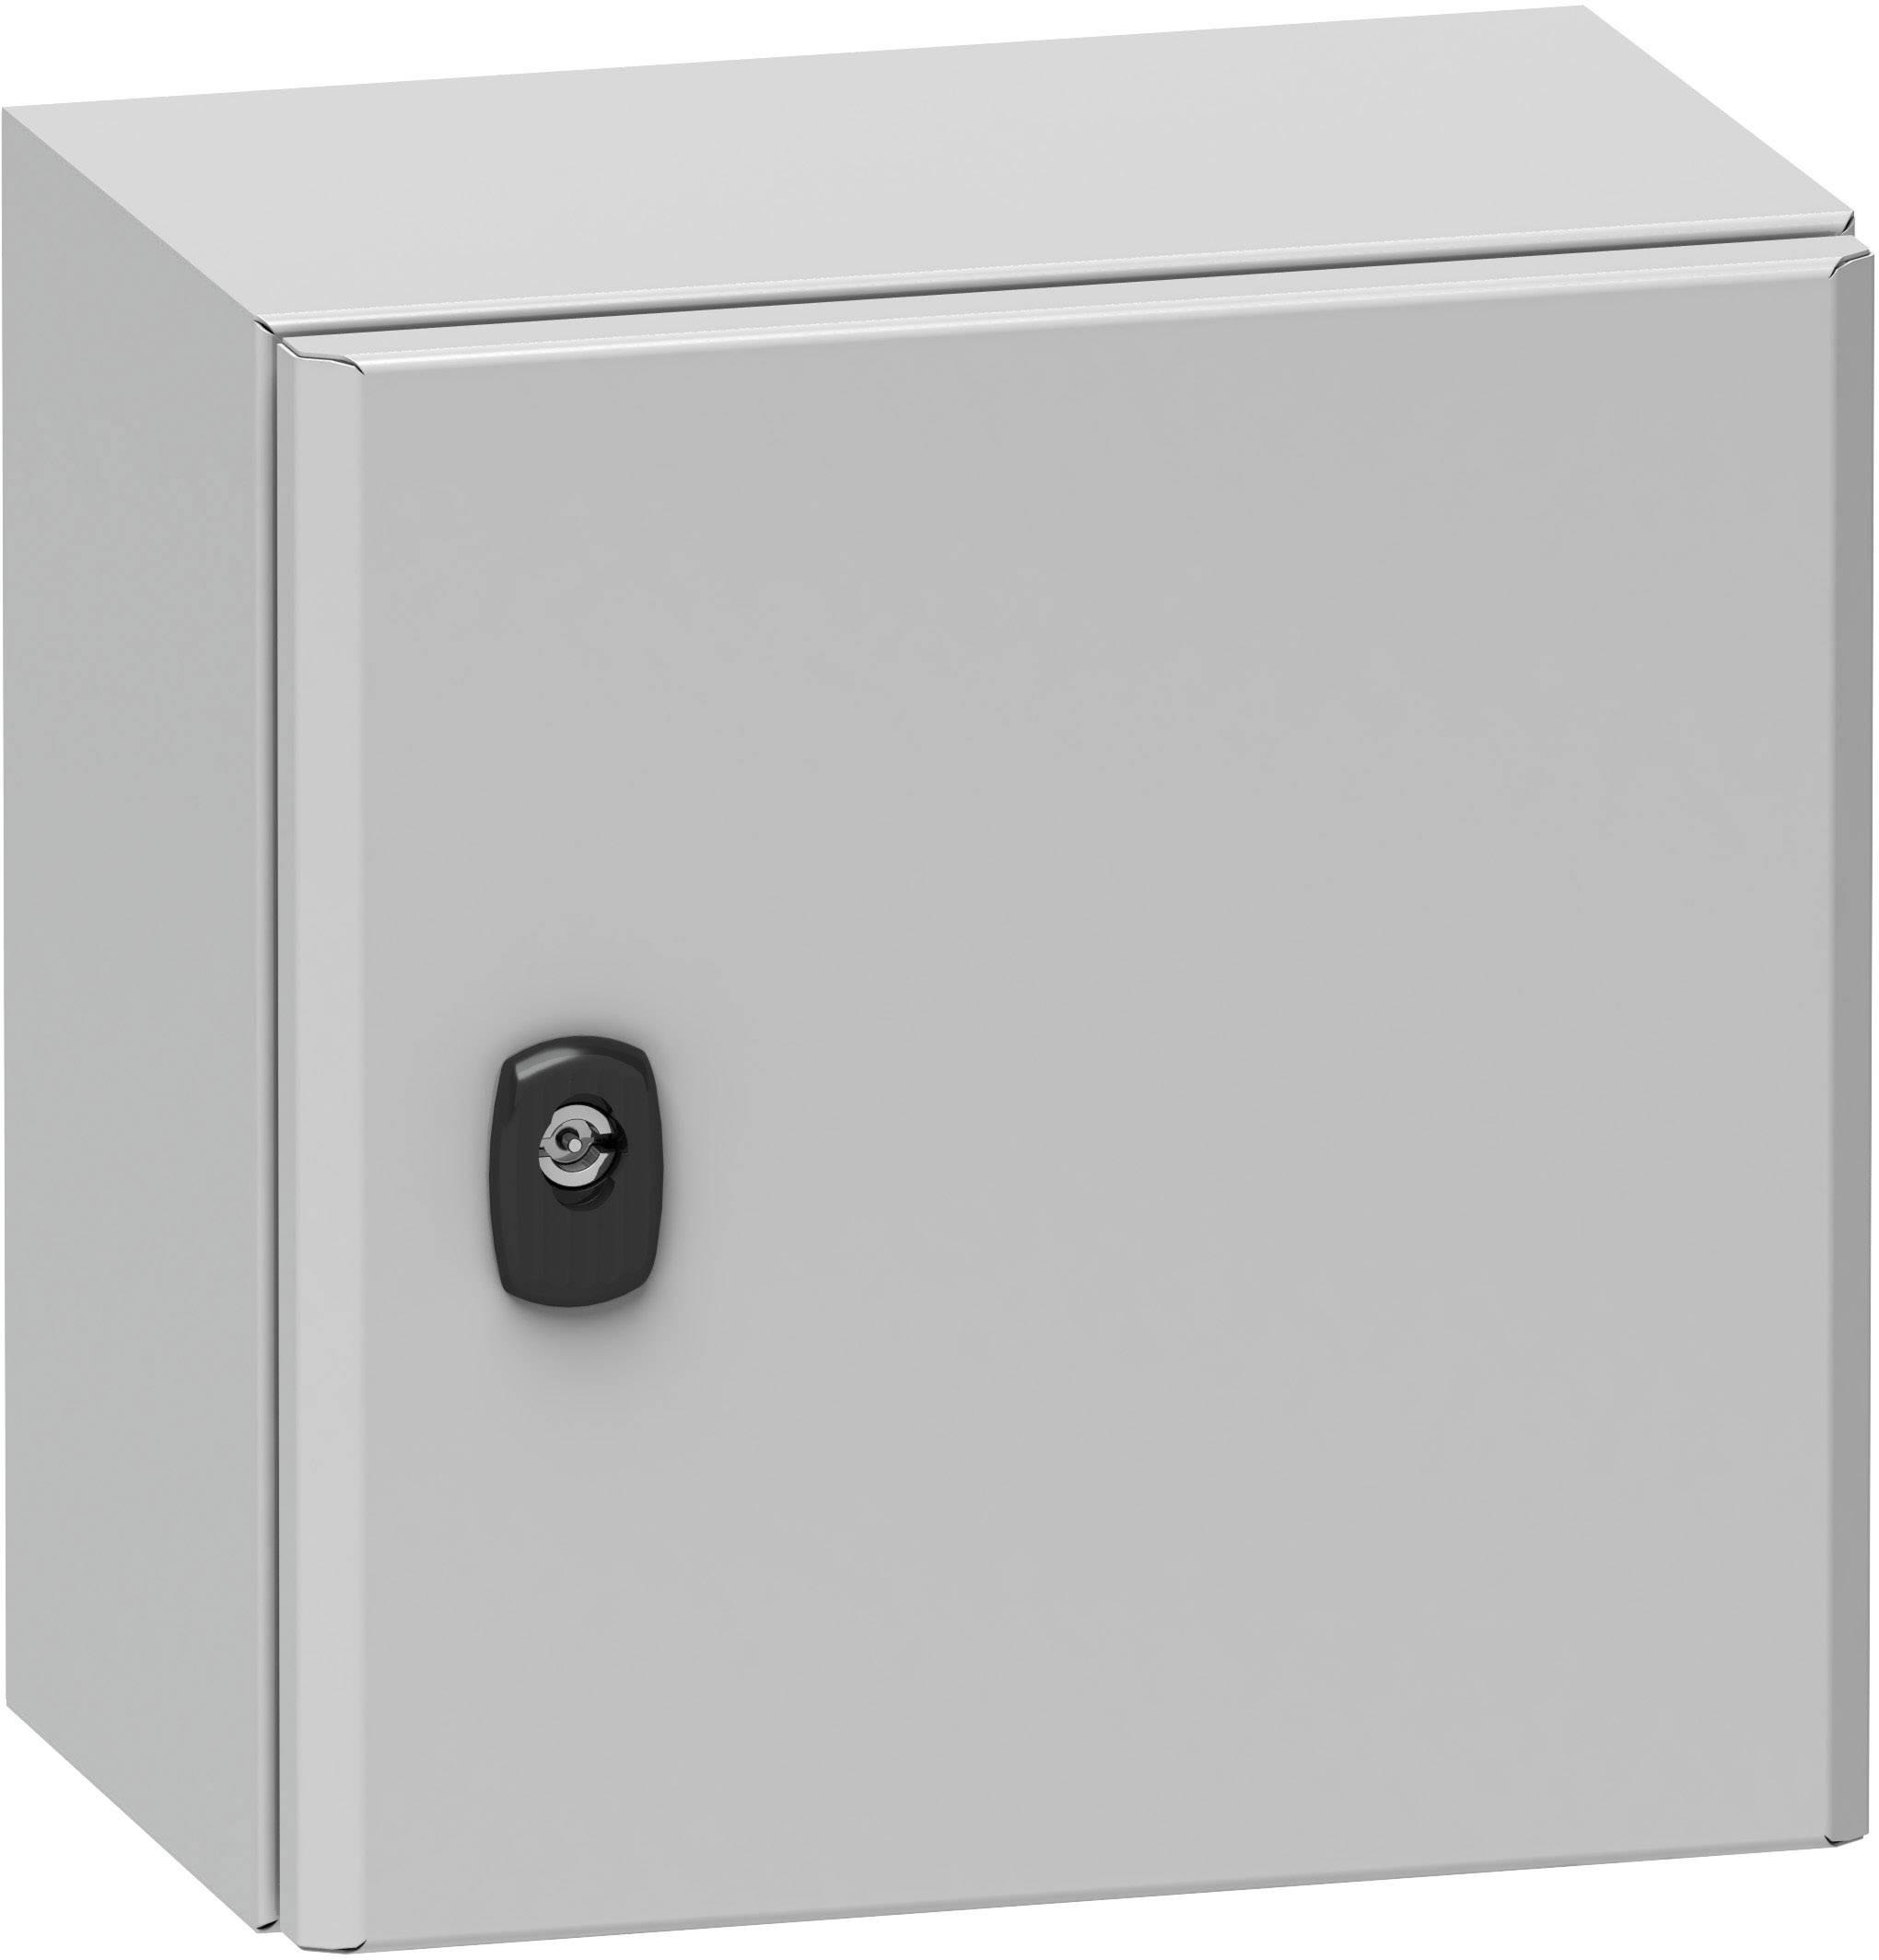 Pouzdro Schneider Electric NSYS3D6420P NSYS3D6420P, (š x v x h) 400 x 600 x 200 mm, ocel, šedá (RAL 7035), 1 ks